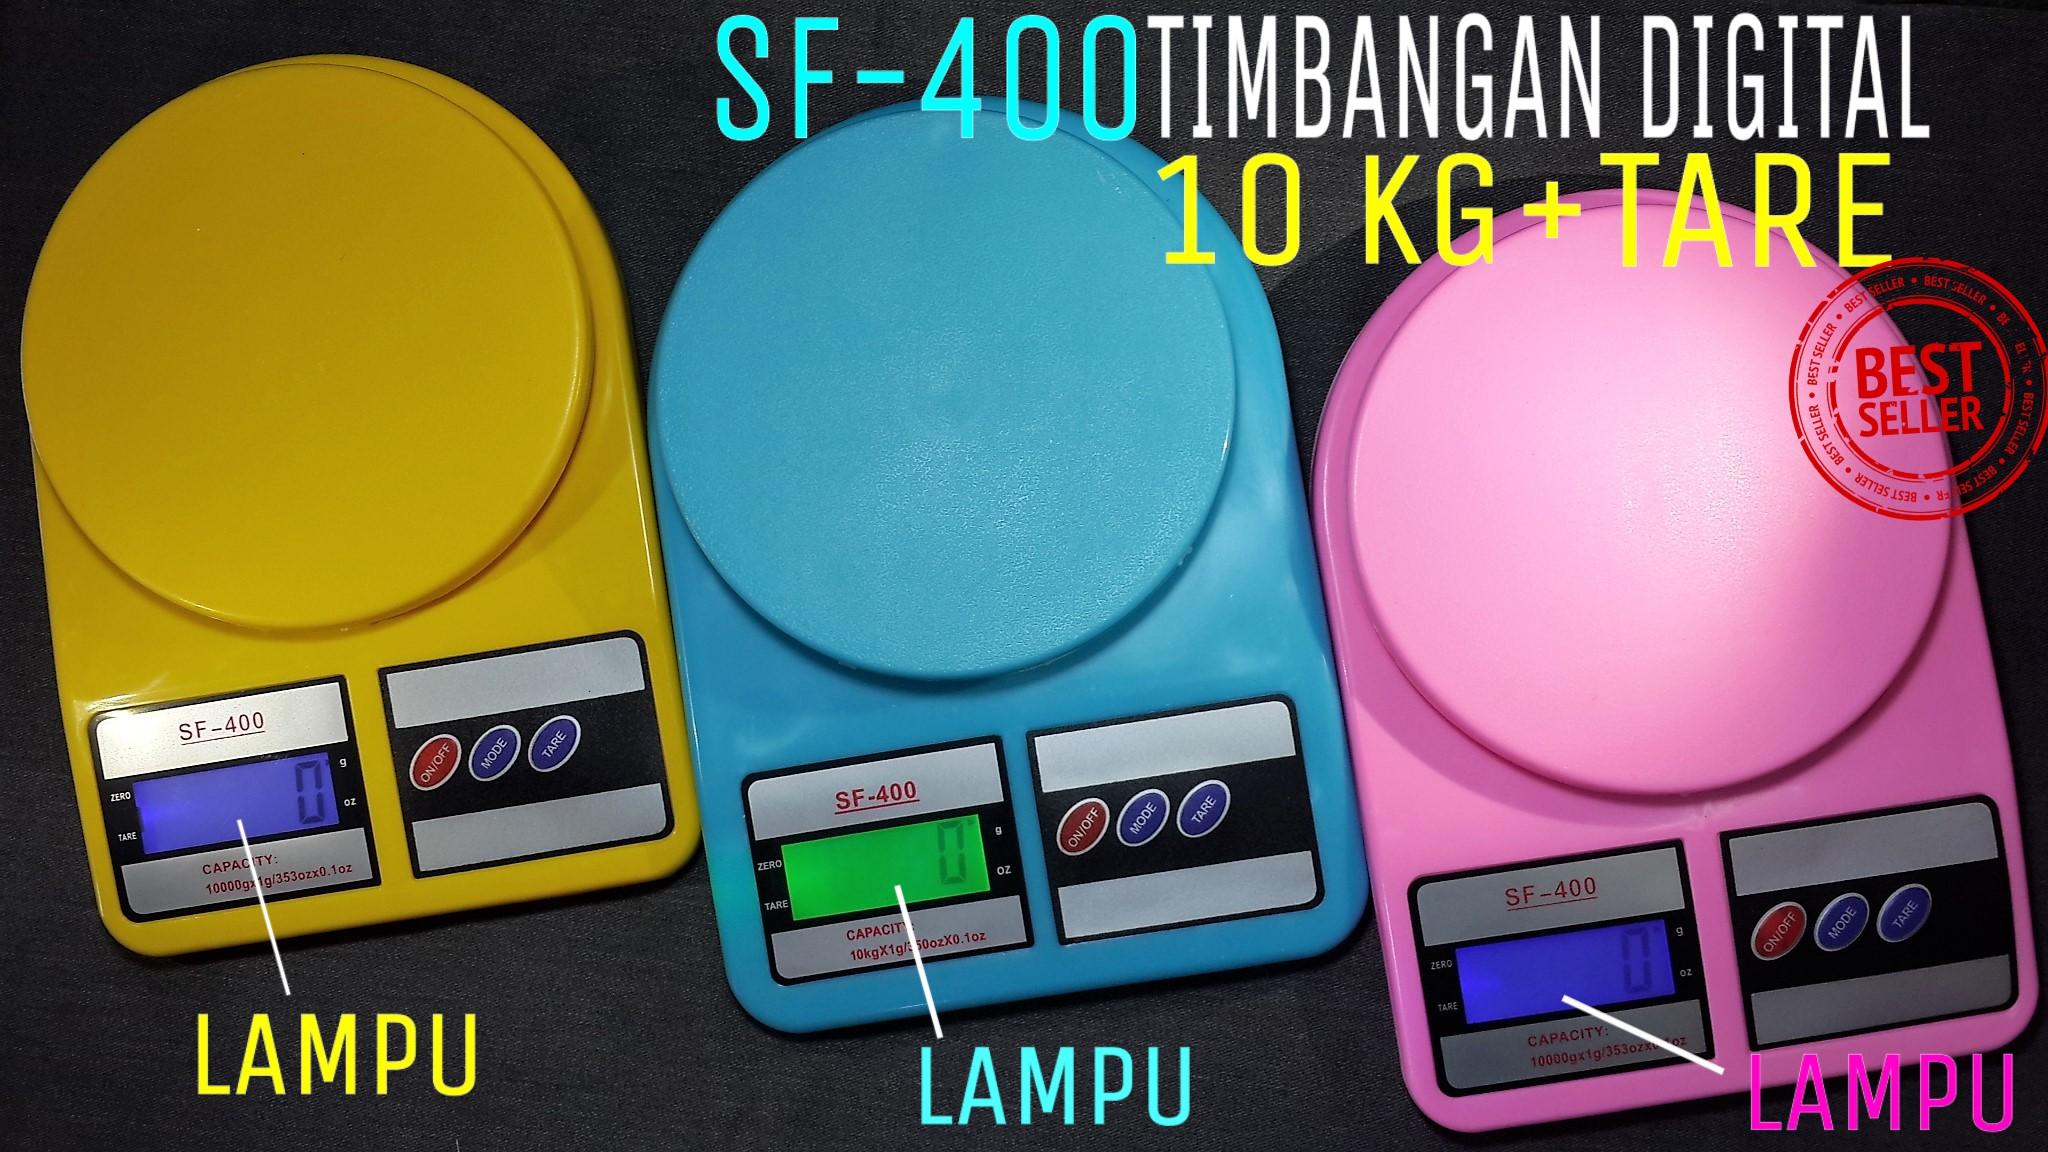 TIMBANGAN DIGITAL SF 400 + LAMPU LED BERAT 10 KG DAPUR GROSIR MURAH